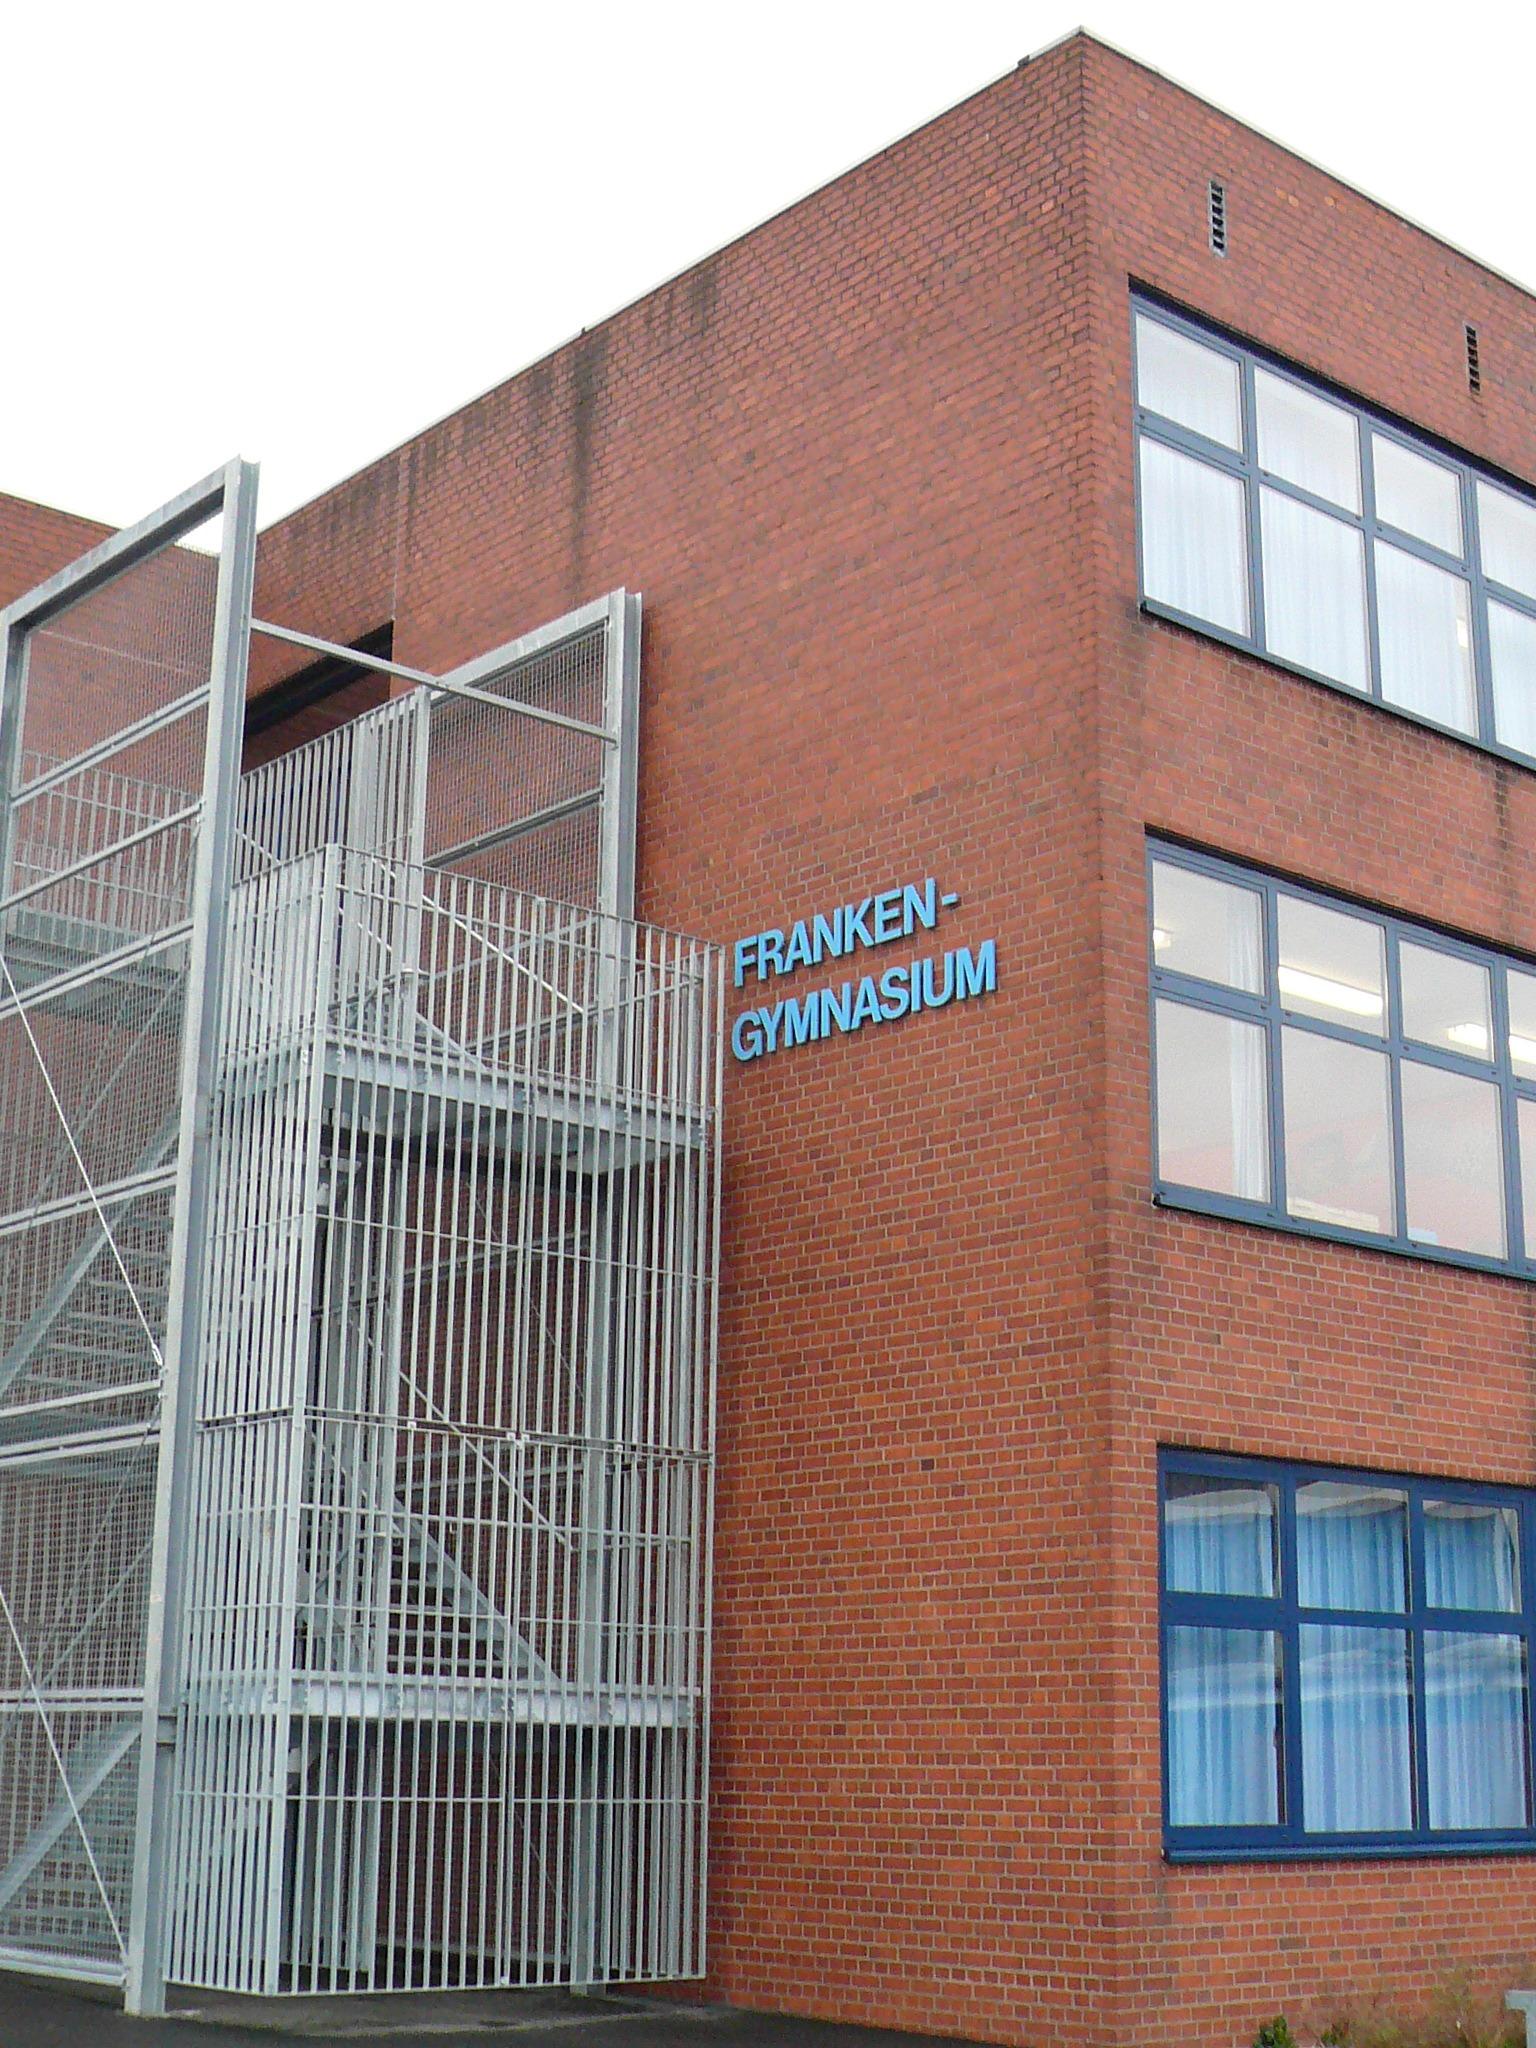 Franken Gymnasium